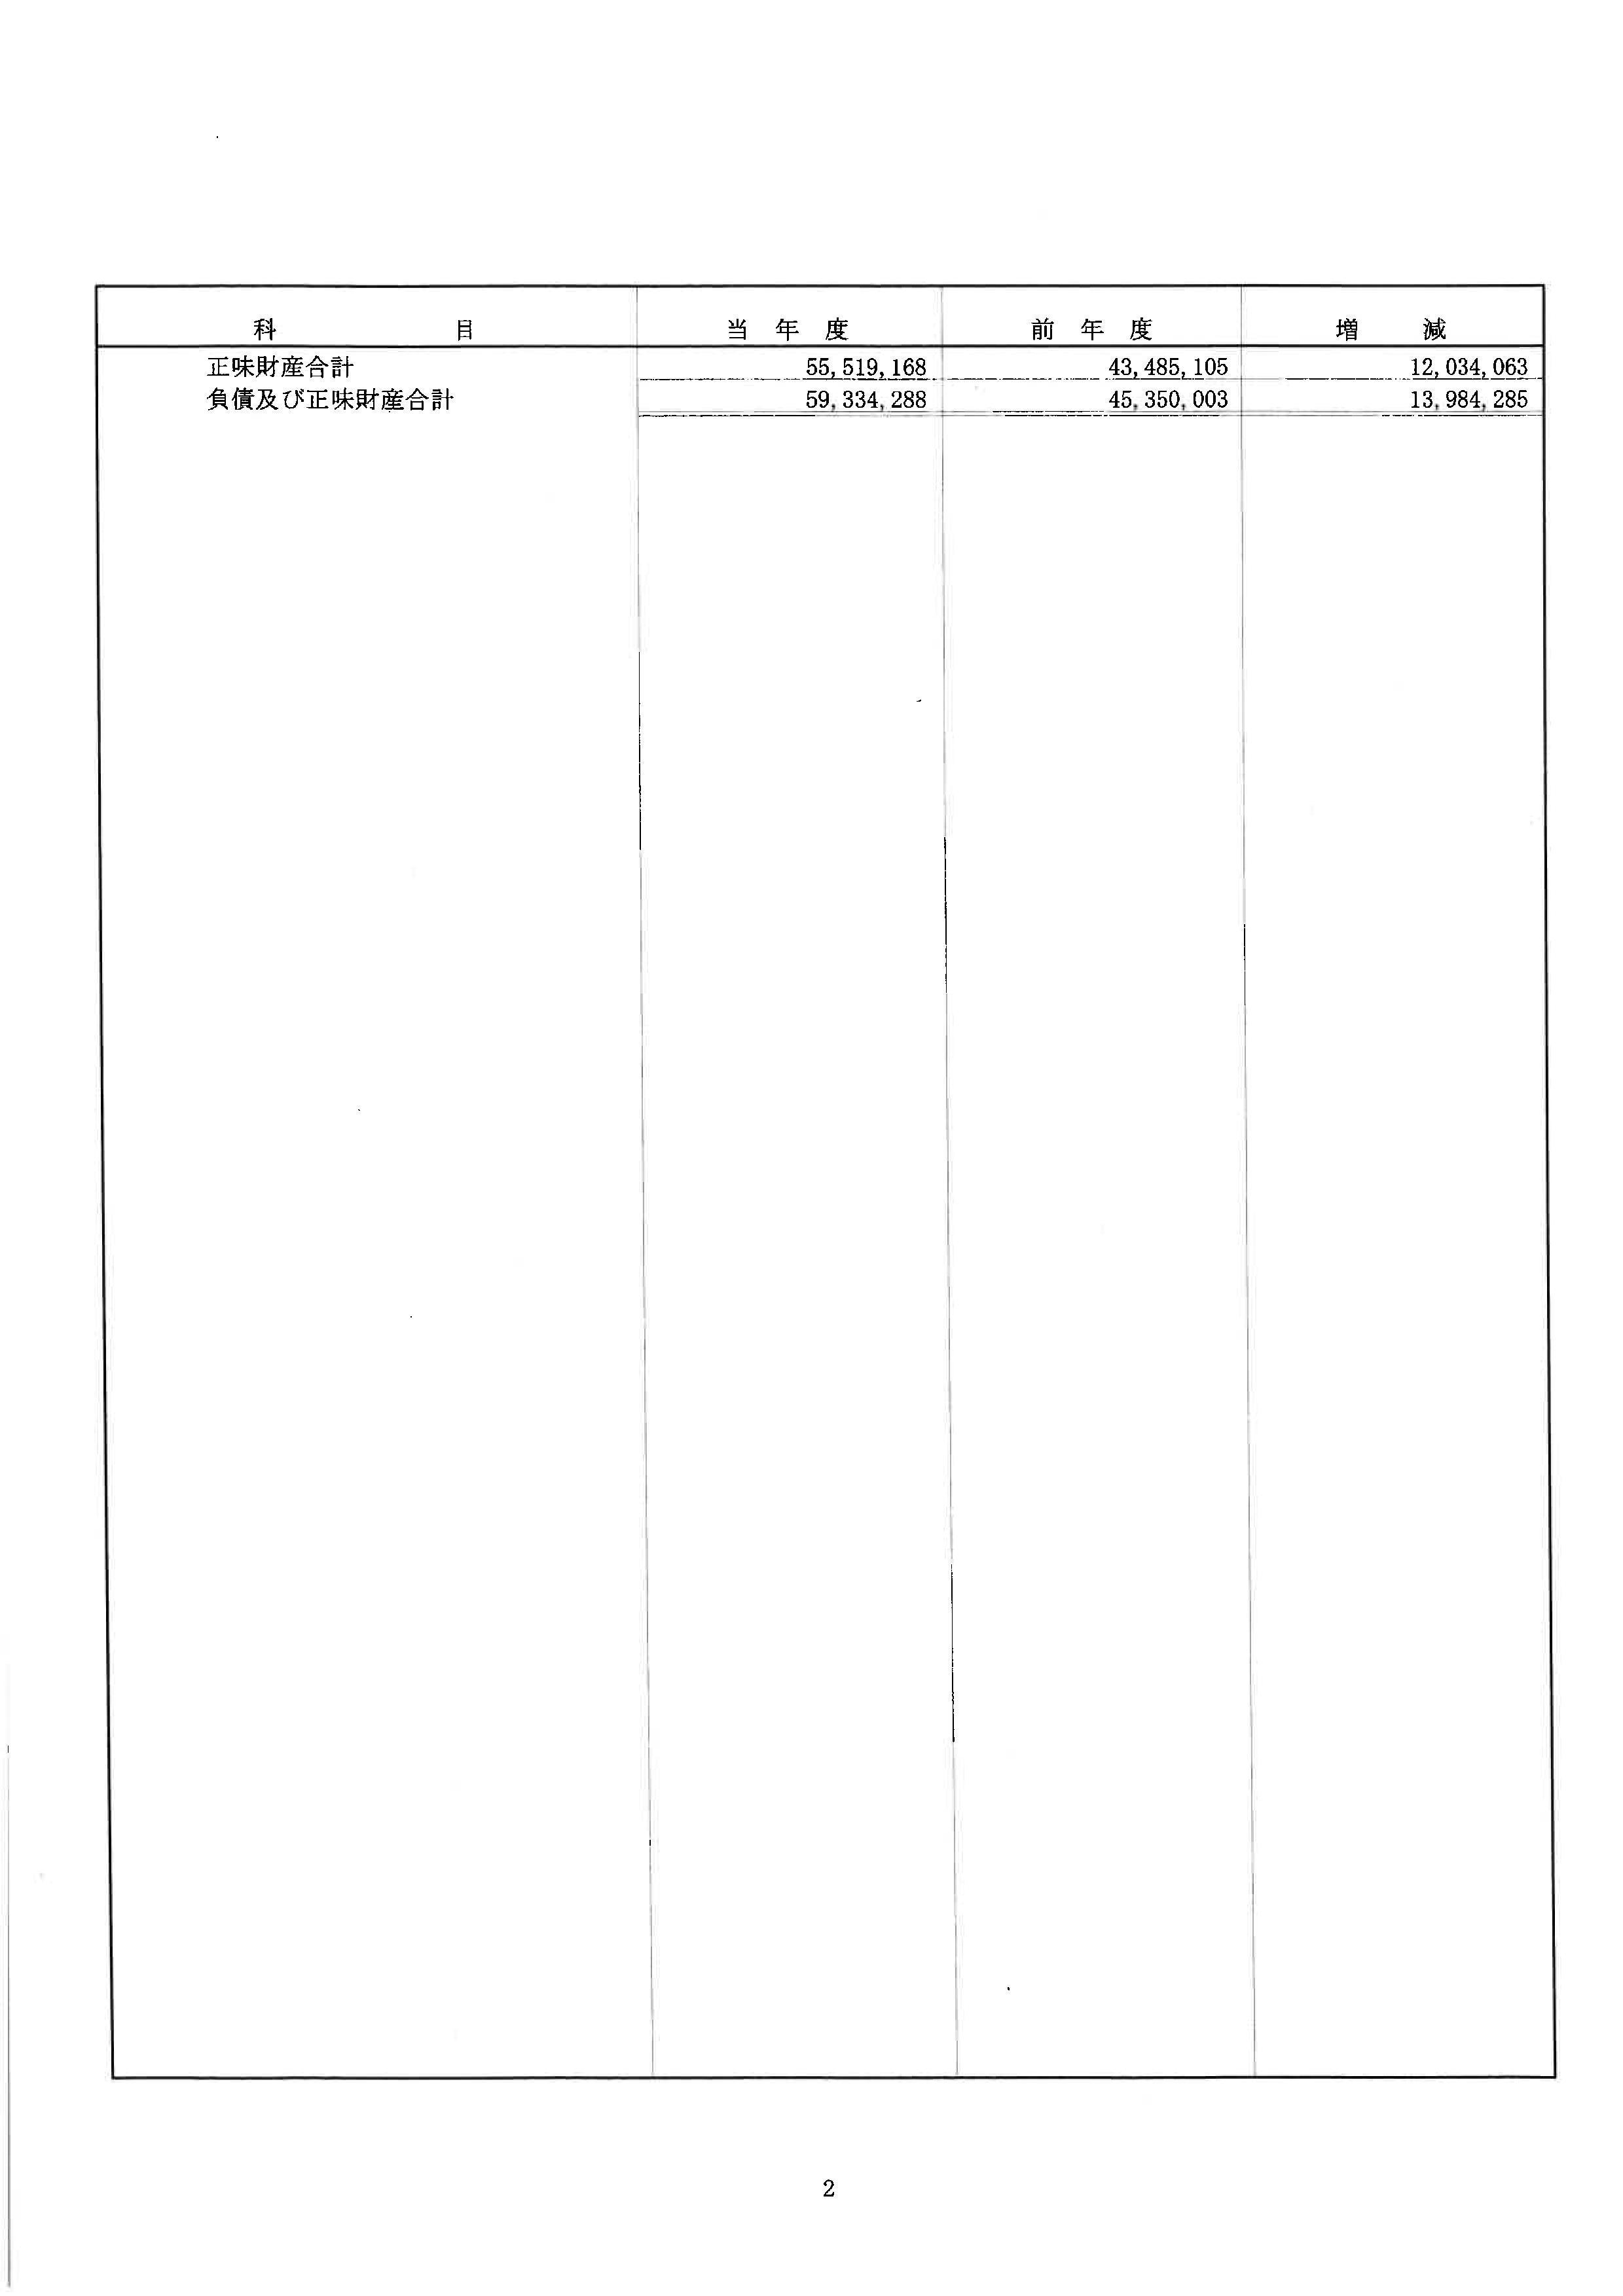 平成29年度 事業報告 決算書 役員一覧_f0197821_18100620.jpg